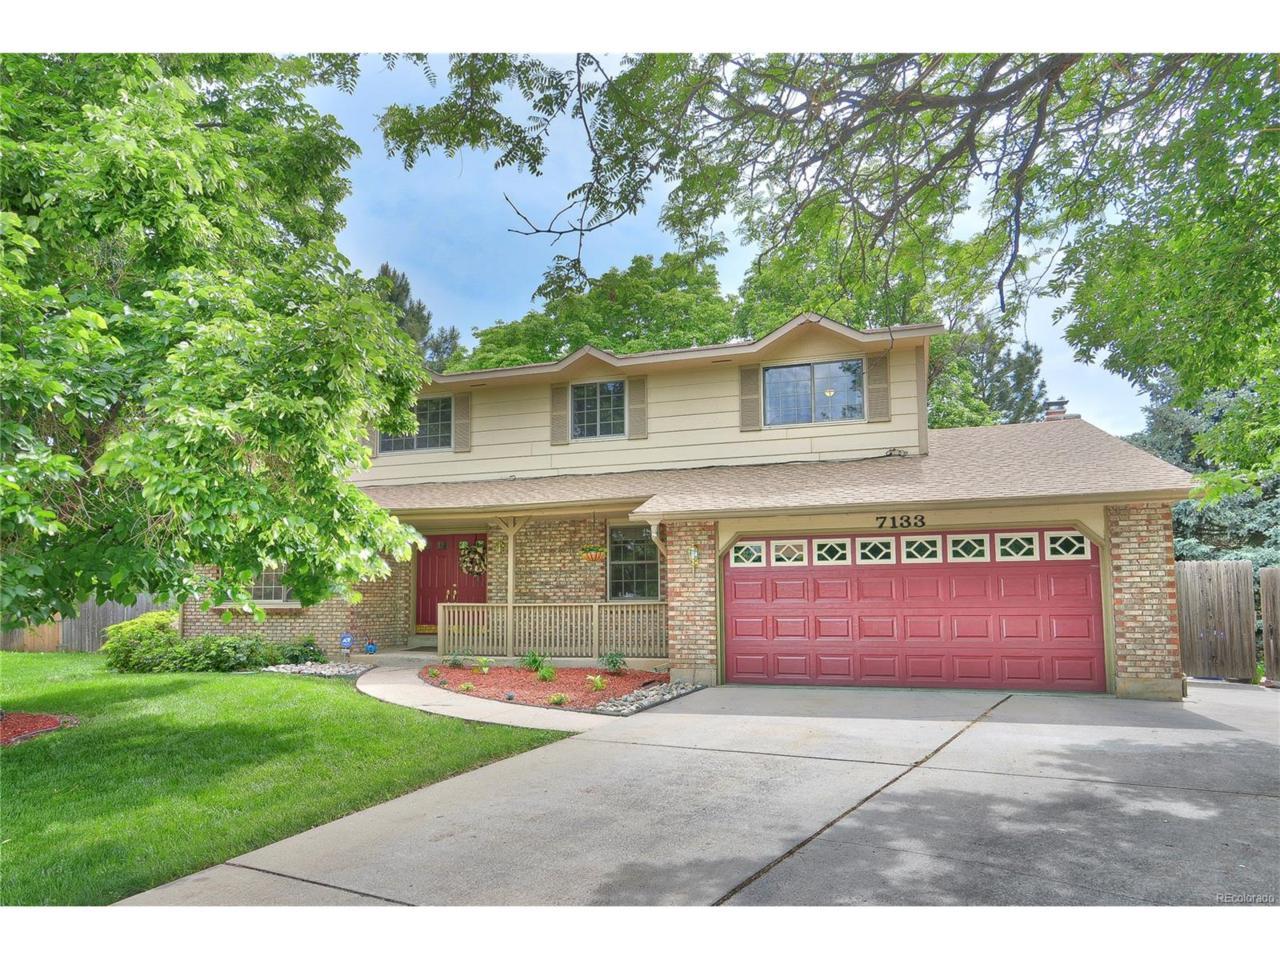 7133 S Ammons Court, Littleton, CO 80128 (MLS #4834483) :: 8z Real Estate